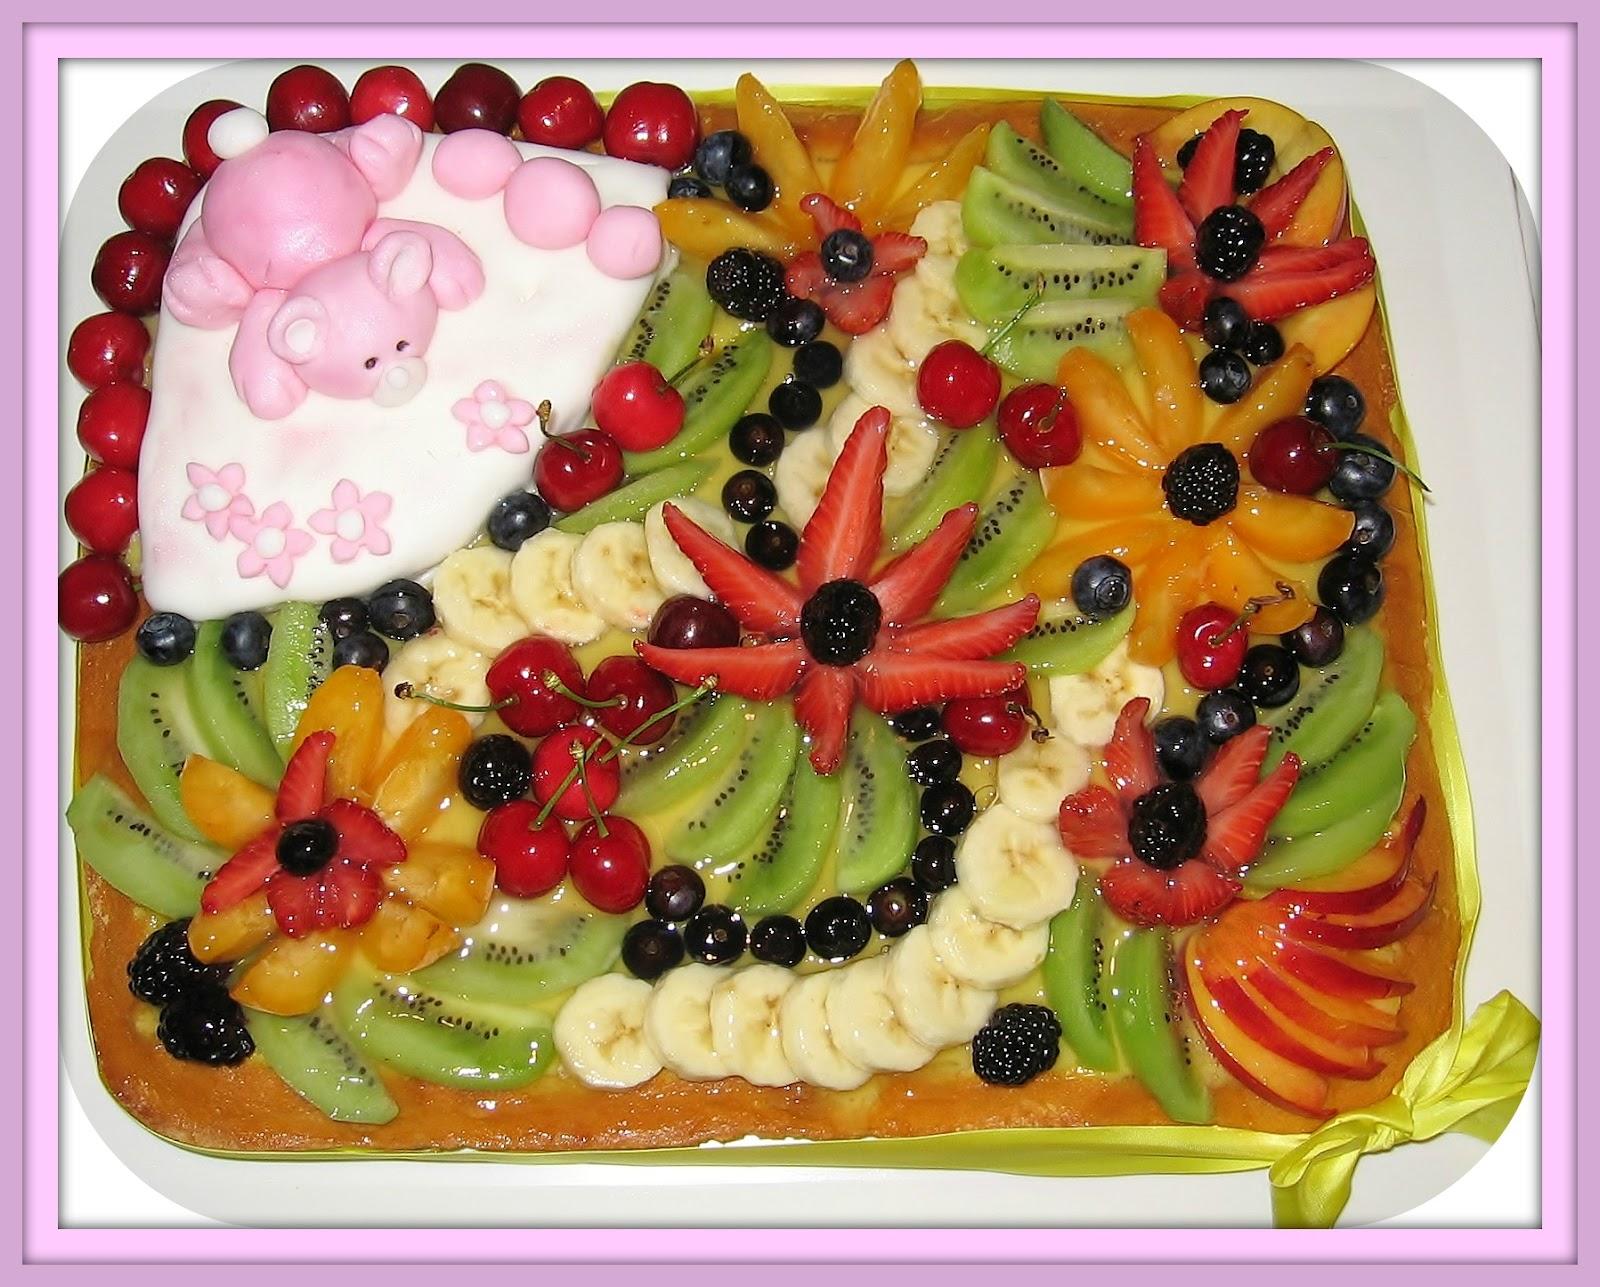 Dalla a allo zucchero torta morbida di frutta a quadro - Decorazioni con frutta essiccata ...